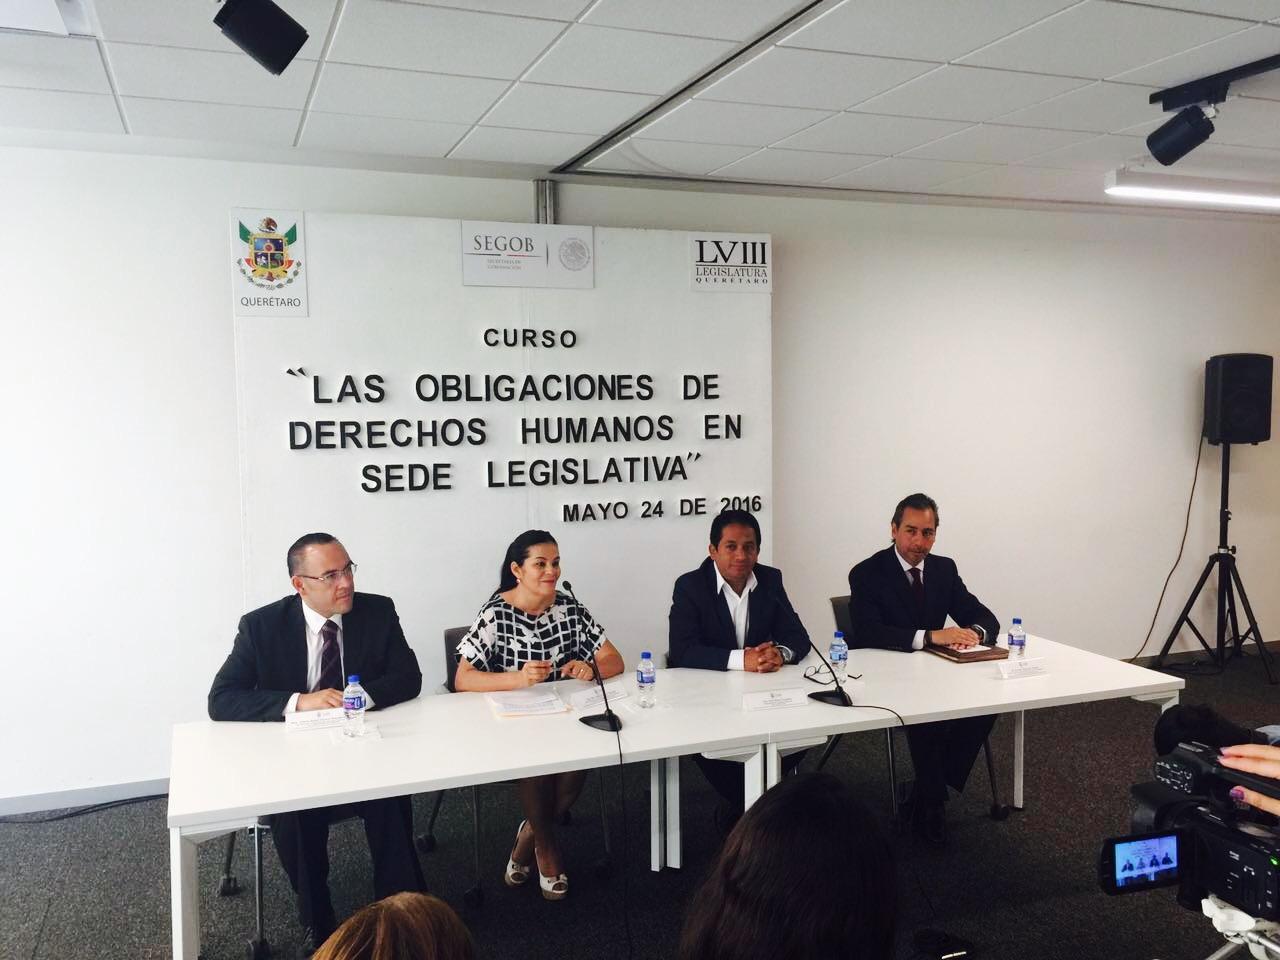 La LVIII Legislatura del estado de Querétaro recibe curso sobre armonización legislativa y obligaciones en materia de derechos humanos.